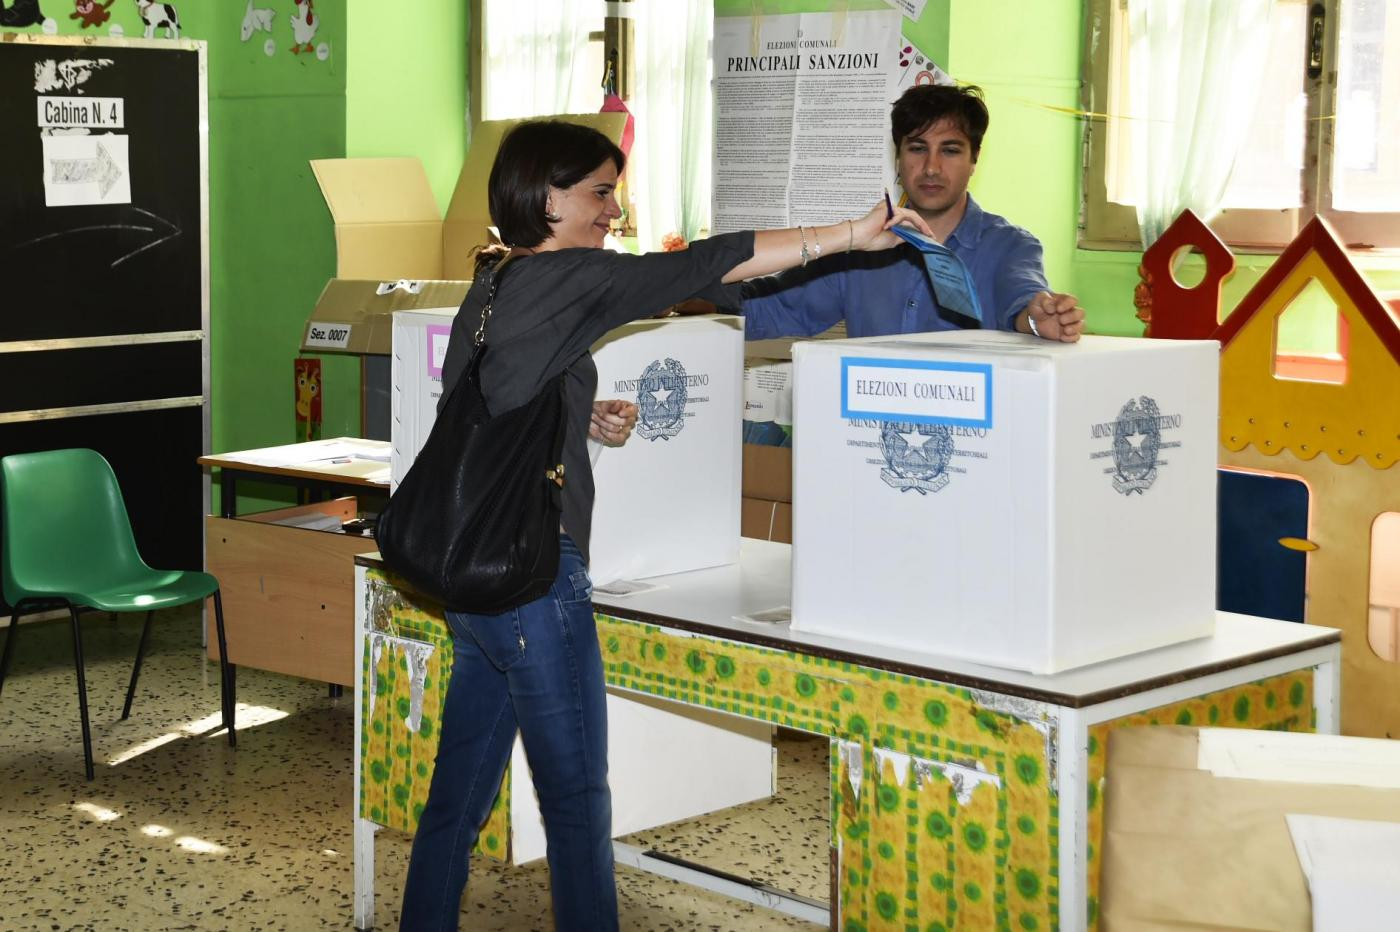 Ballottaggio comunali 2016: come e quando si vota?